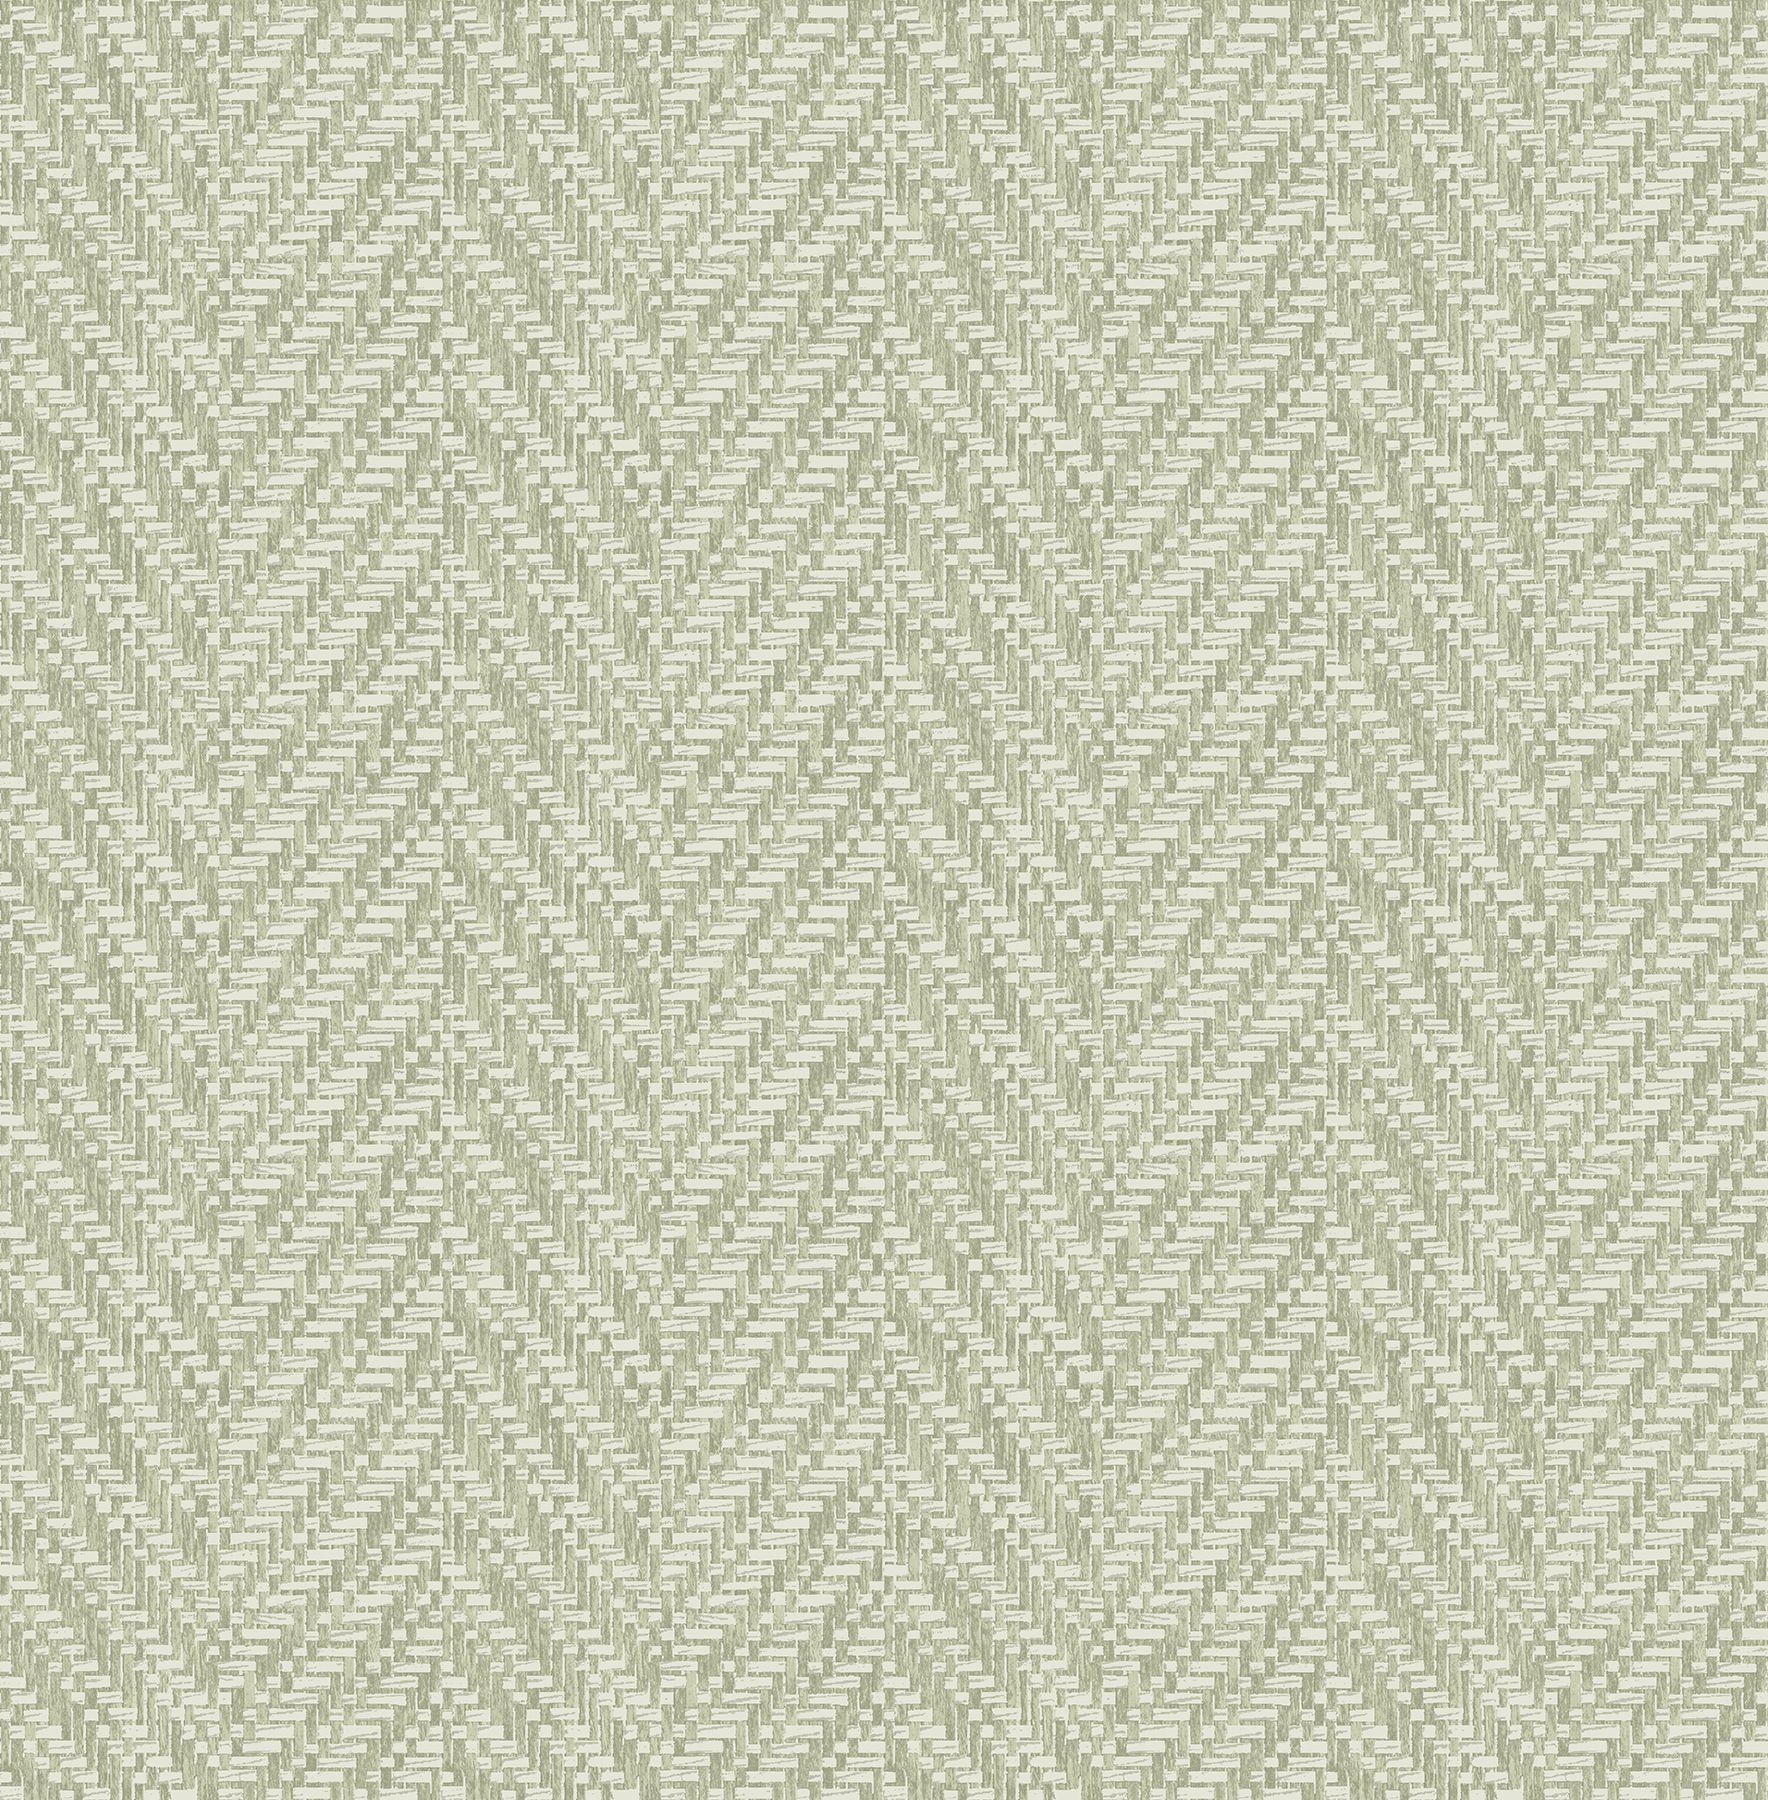 Ziggity Meadow Faux Grasscloth Wallpaper By Sarah Richardson Grasscloth Wallpaper Herringbone Wallpaper Brewster Wallpaper